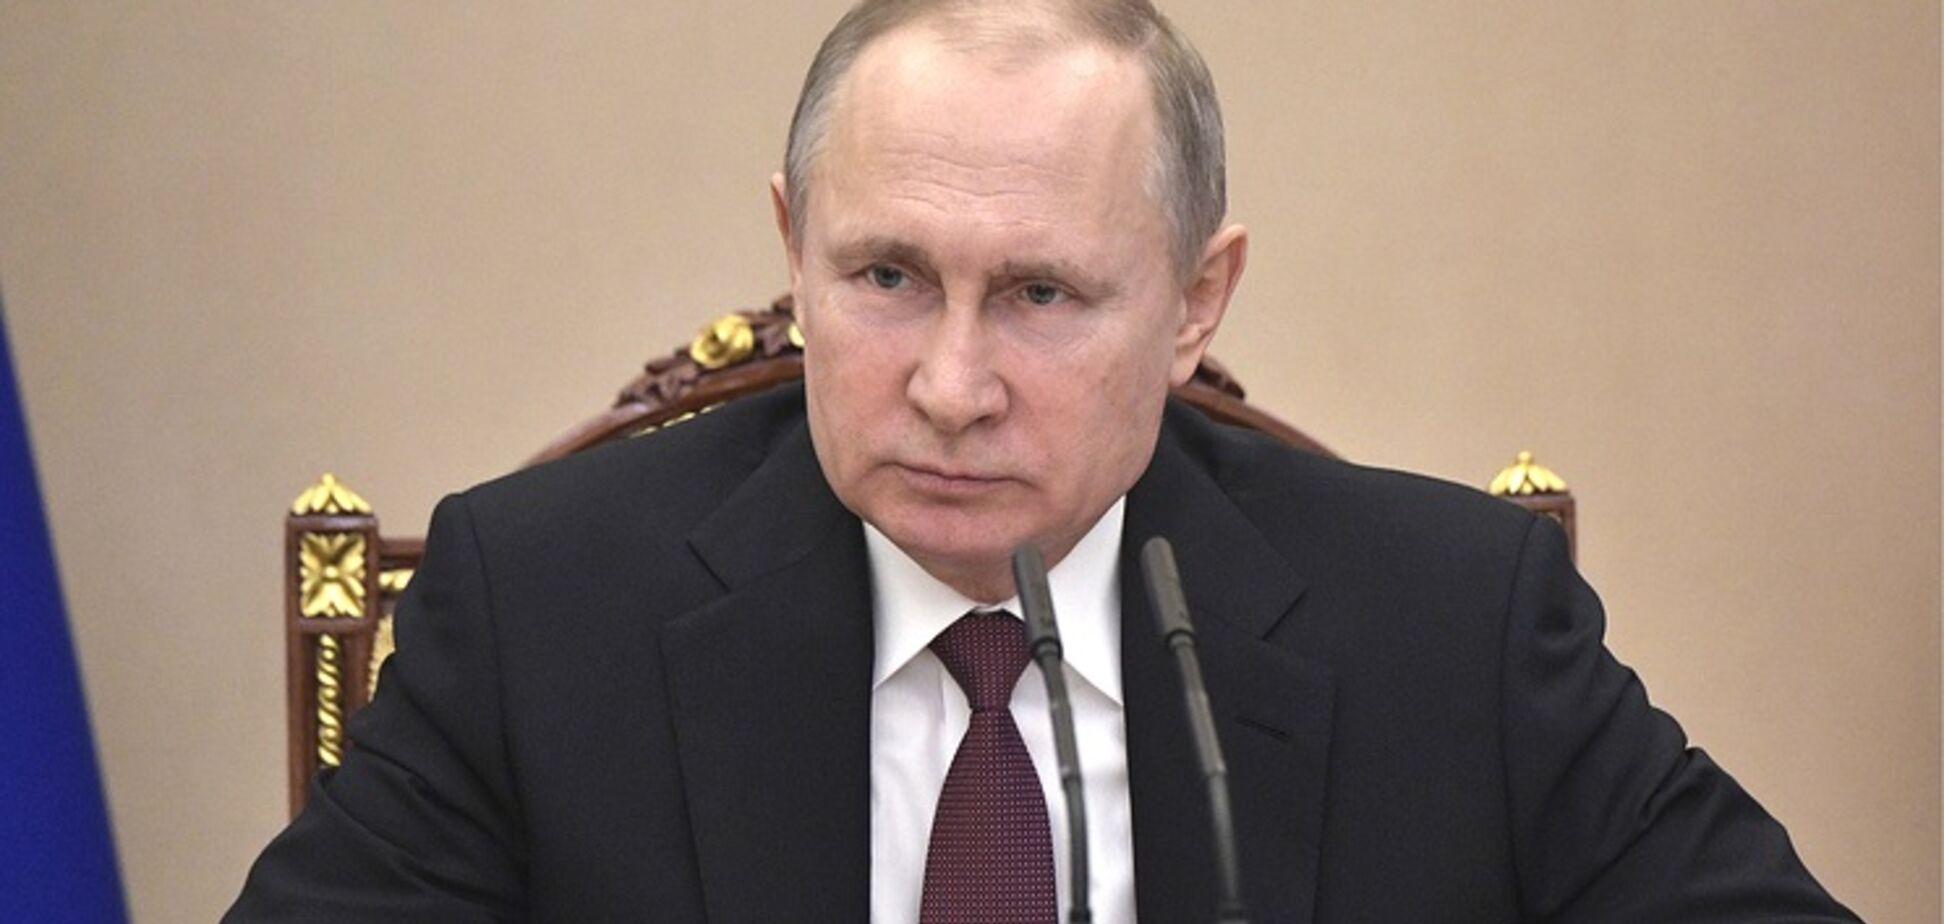 Путин сделал новое заявление о вмешательстве России в выборы США